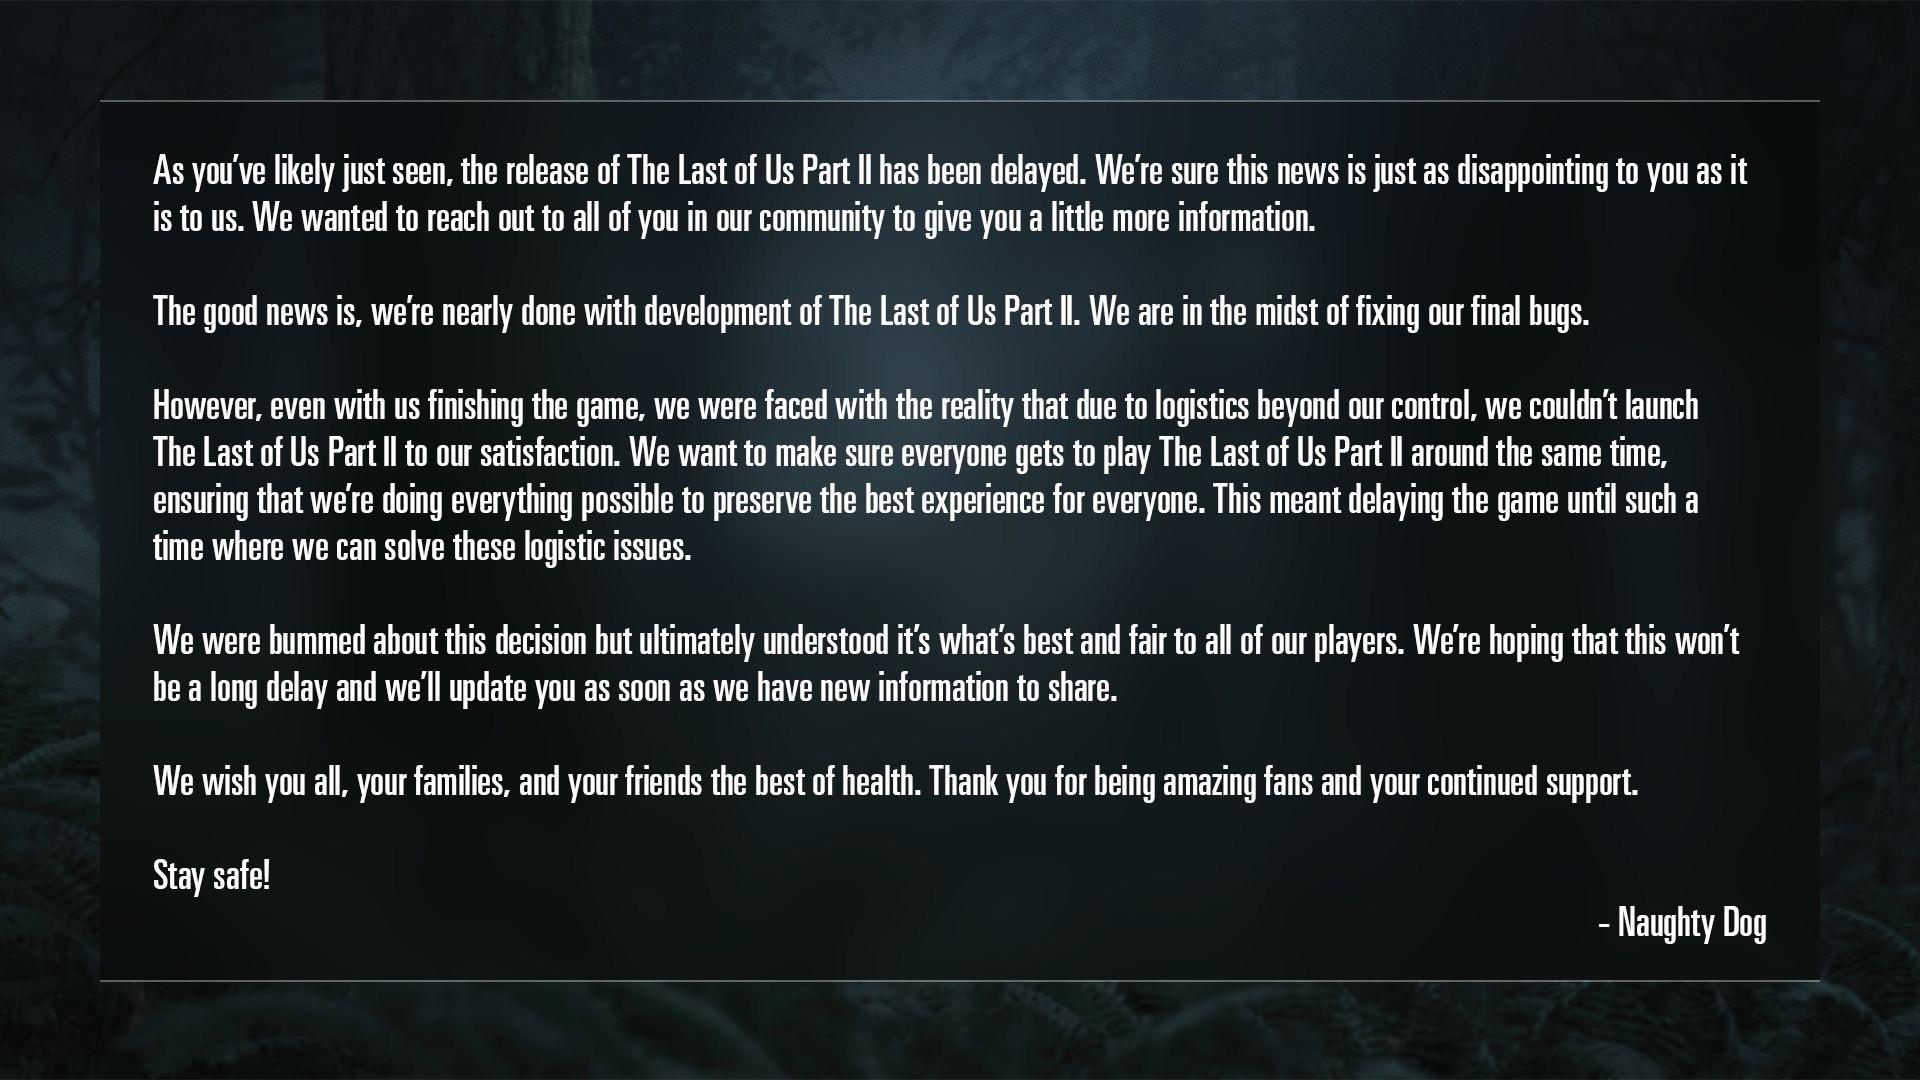 Naughty Dog bestätigt die Verschiebung von The Last of Us Part 2